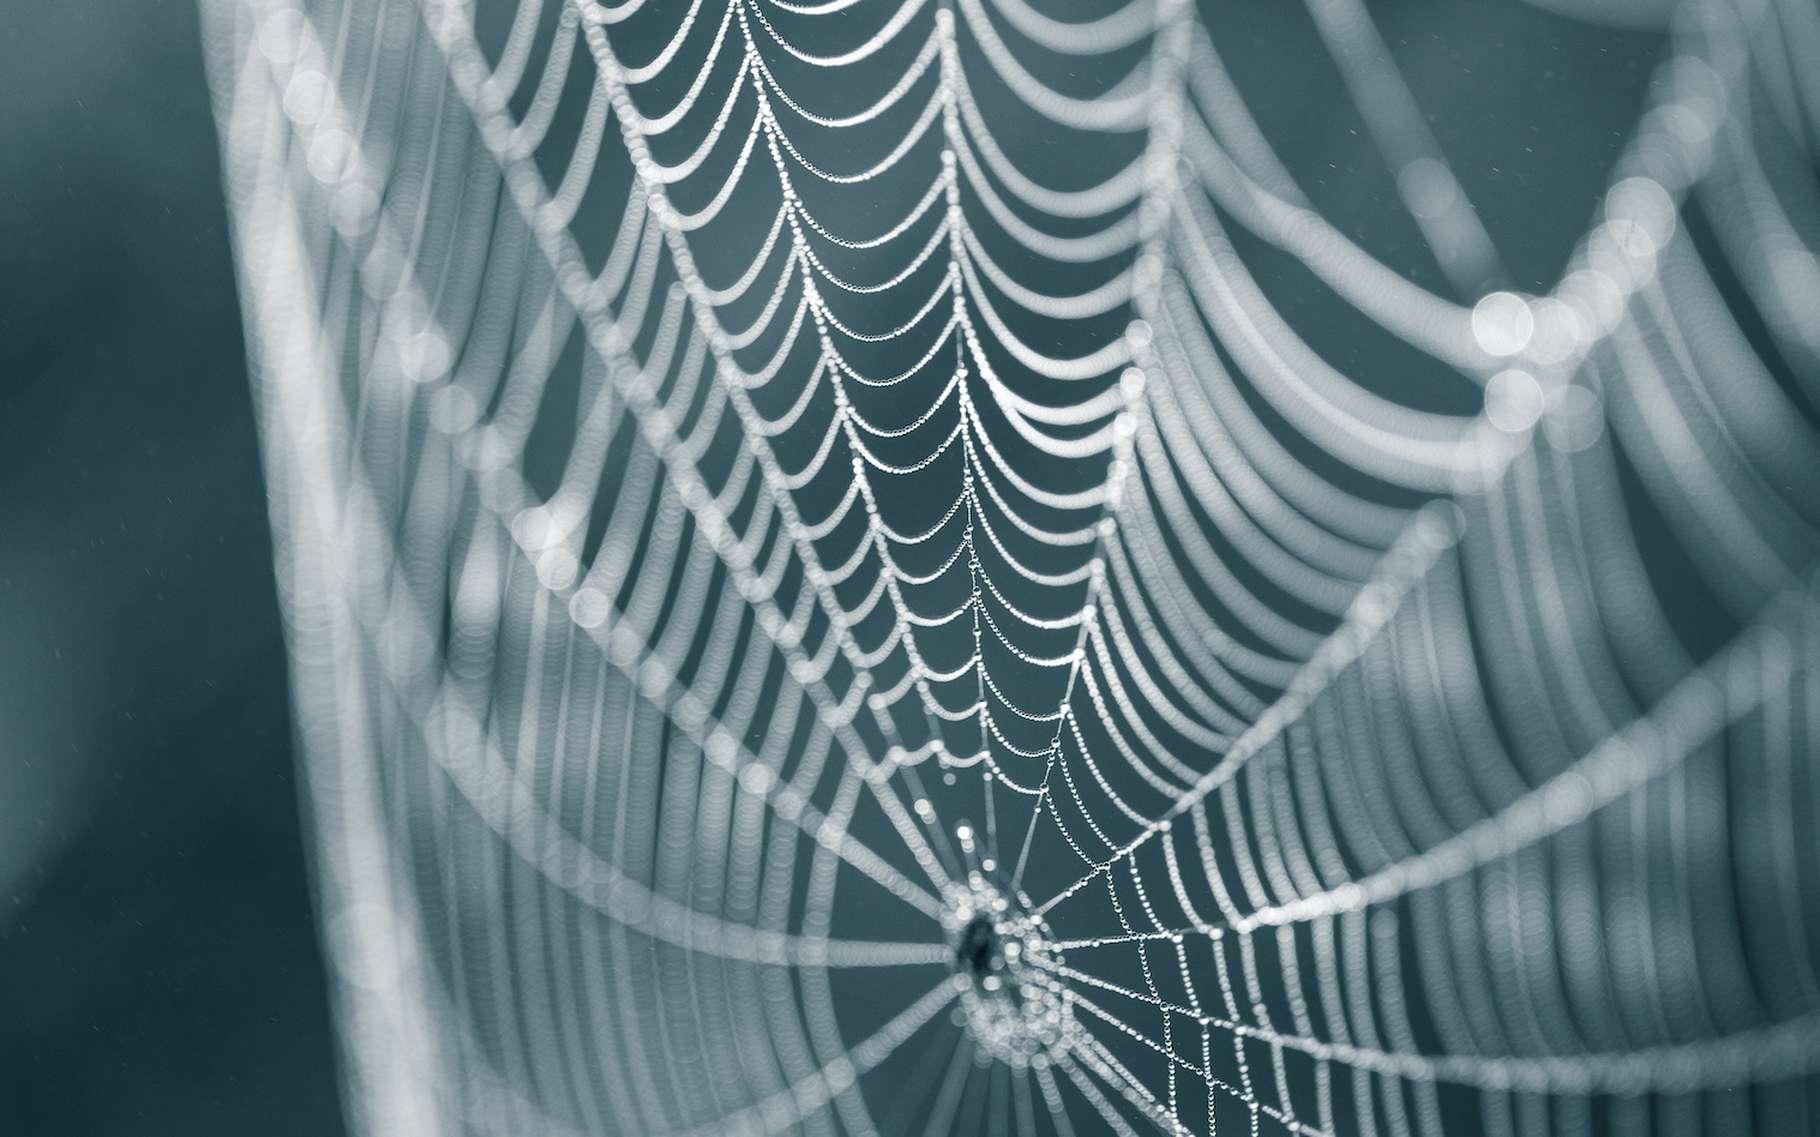 Des chercheurs de l'université de Washington à Saint-Louis (États-Unis) sont parvenus à obtenir une soie plus performante que la soie d'araignée naturelle. © dachux21, Adobe Stock